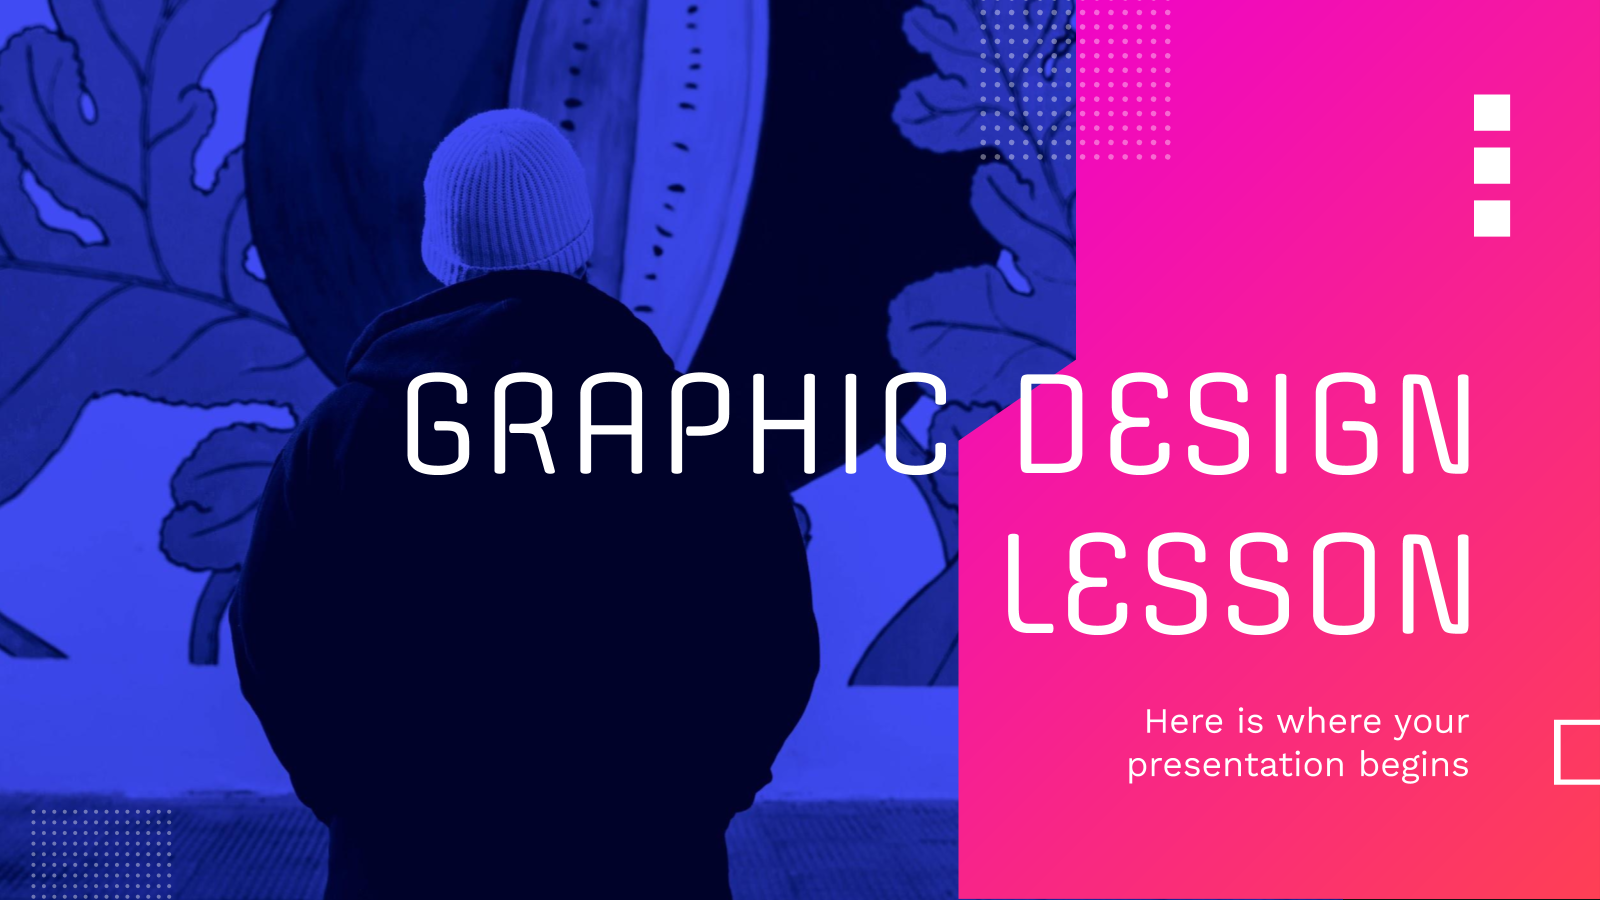 Graphic Design Lesson presentation template